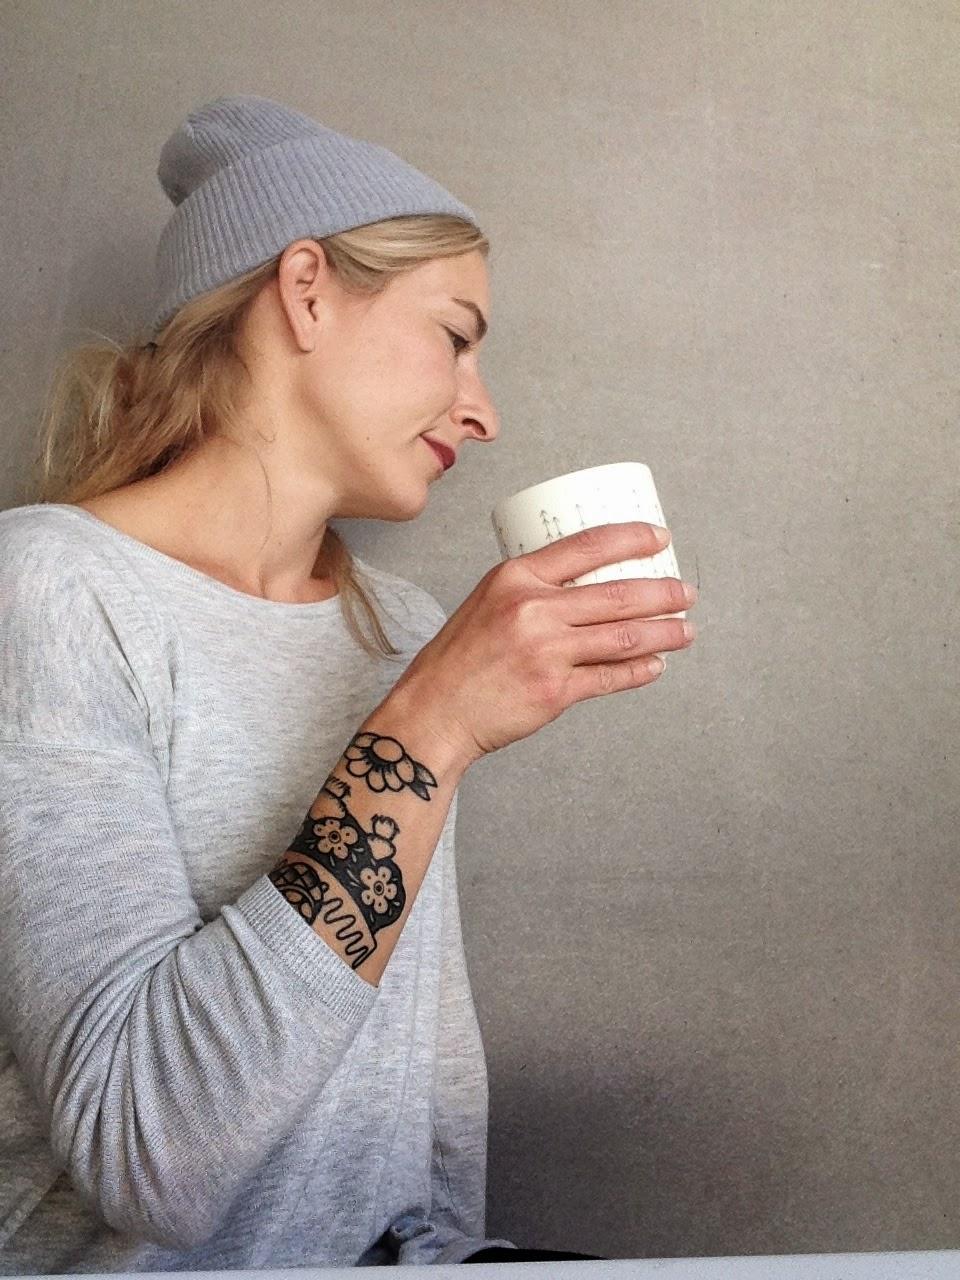 iittala, muki, iittala muki, makia, pipo,makia pipo, tattoo, tatuering, tatuointi